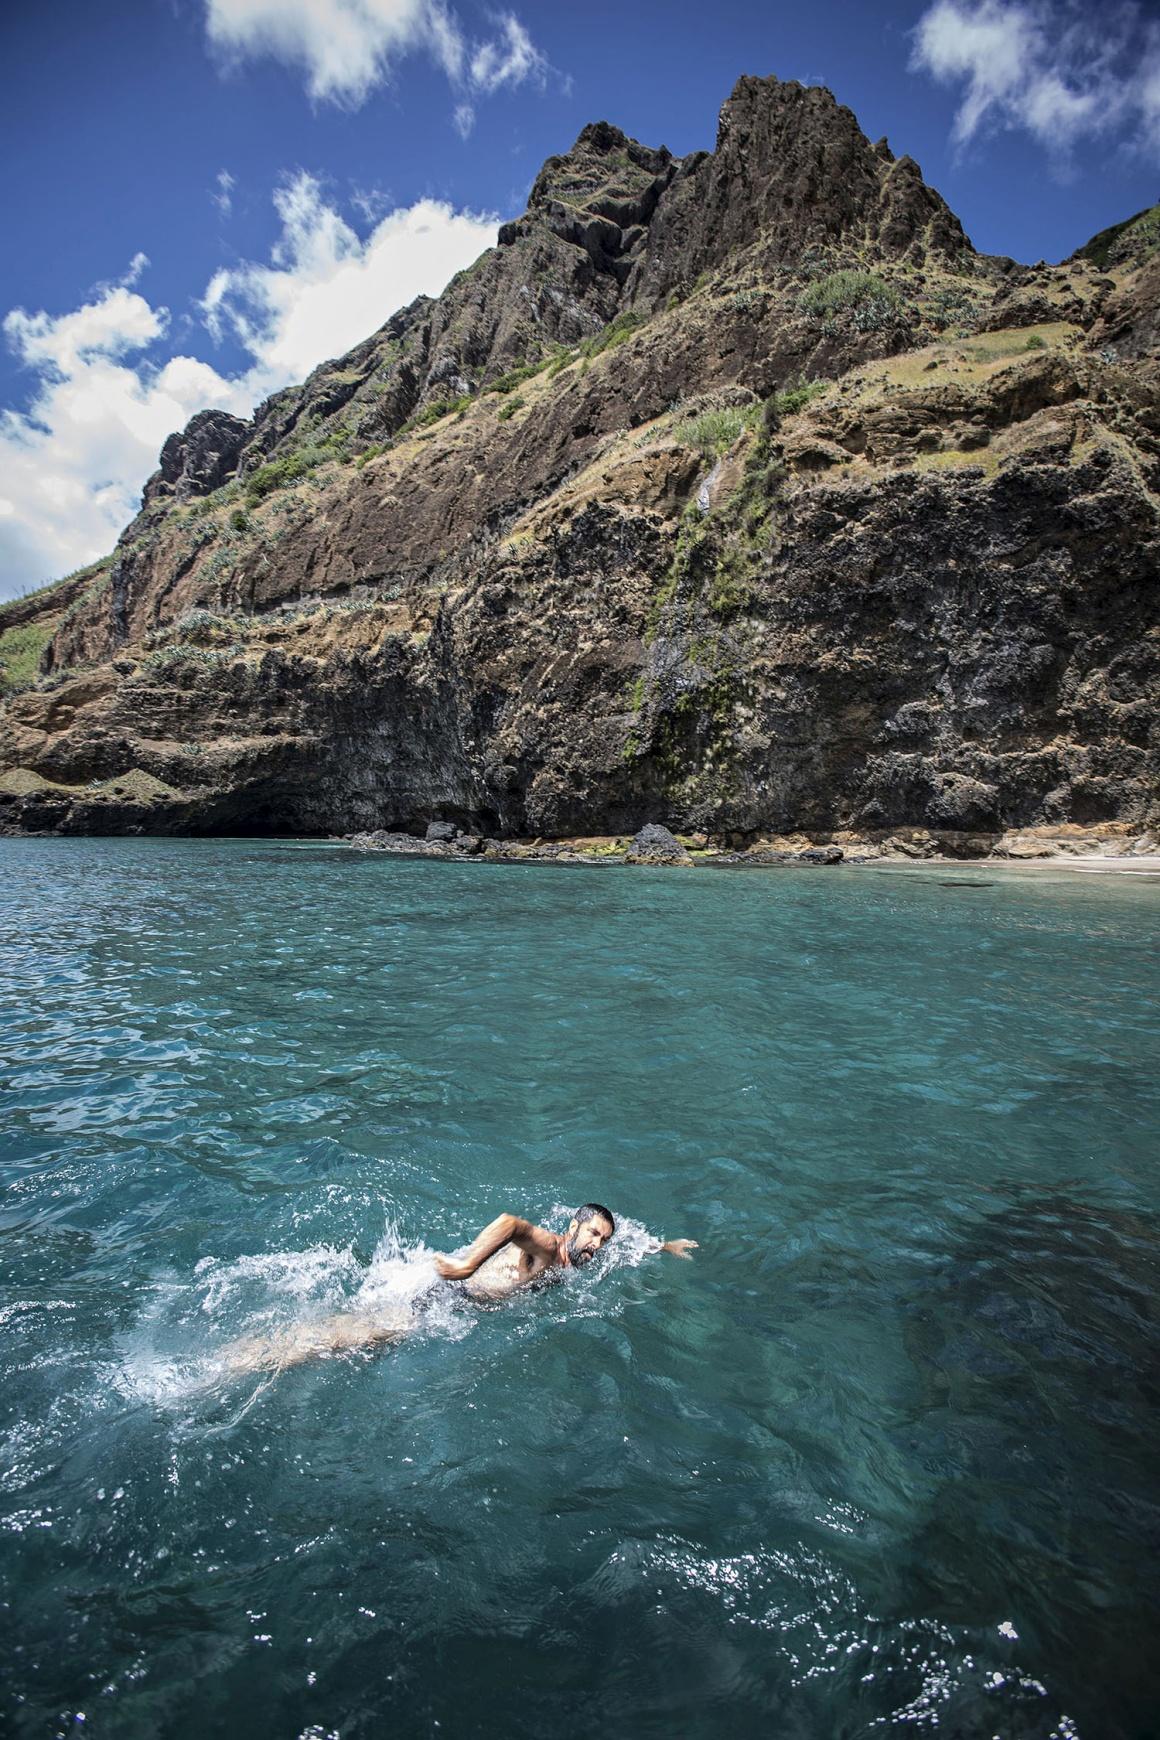 Santa Maria. Mergulho nas águas límpidas